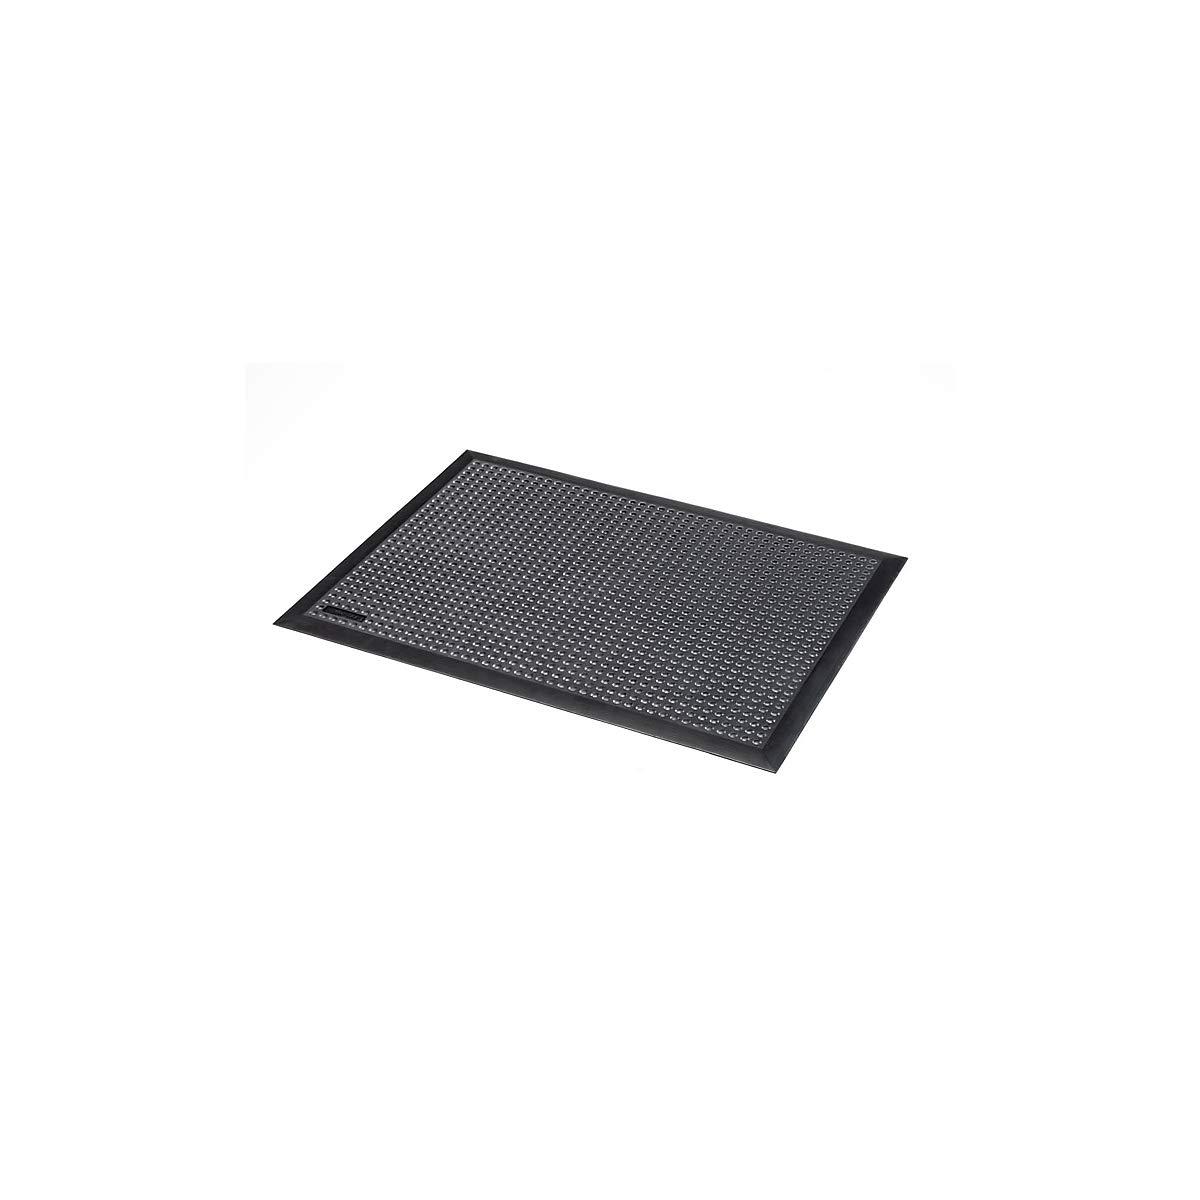 Naturgummi schwarz Arbeitsplatzmatte Arbeitsplatzmatten Bodenbelag Bodenschutzmatte Notrax Arbeitsplatzmatte genoppt LxBxH 1200 x 900 x 13 mm